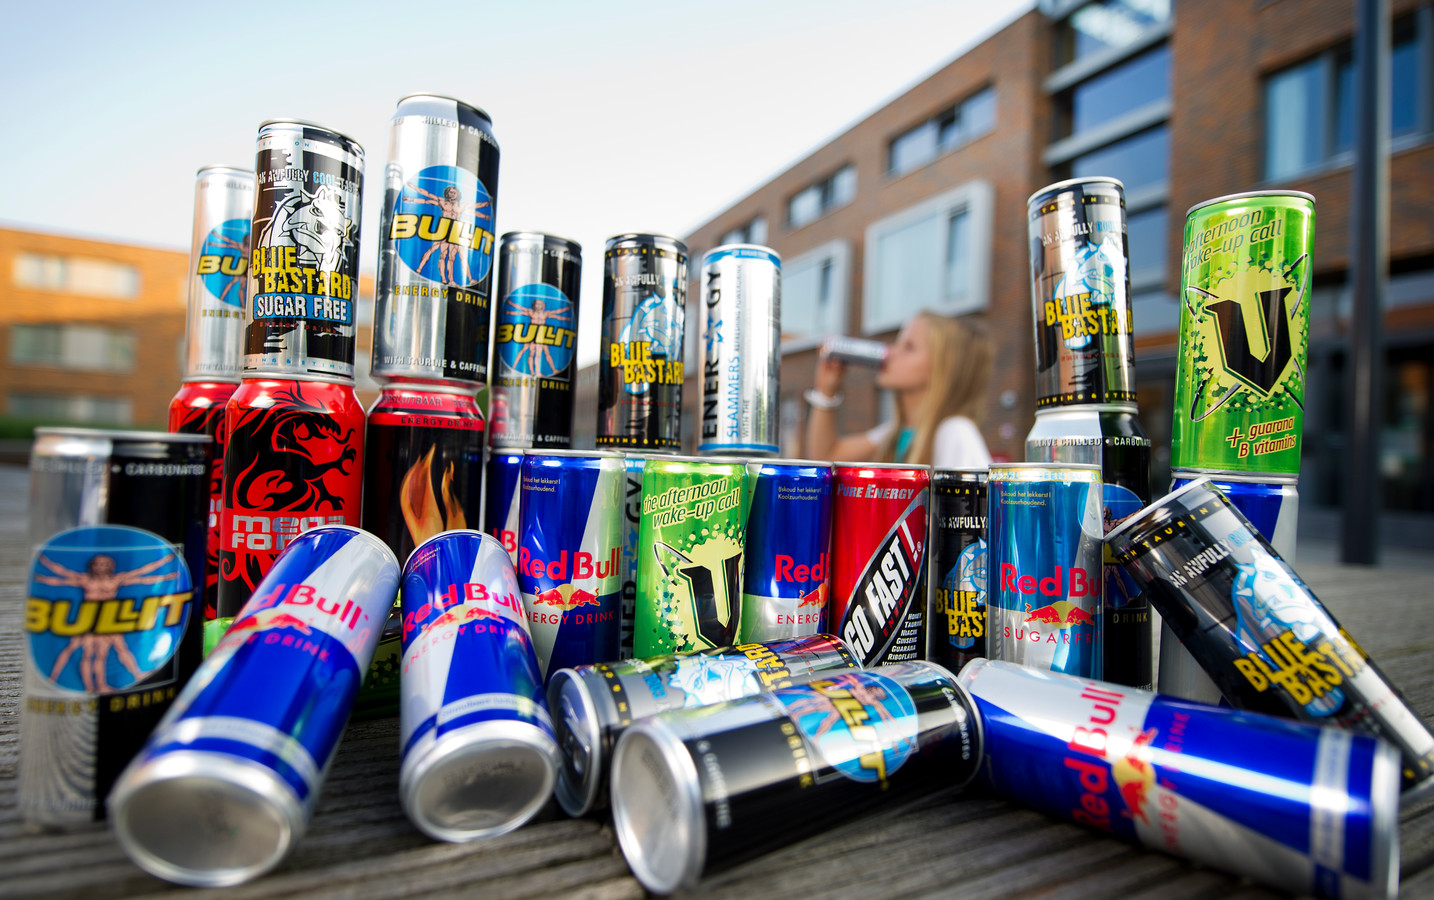 Energydrinks. Red Bull, Blue Bastard, Bullit, Energy, Go Fast.